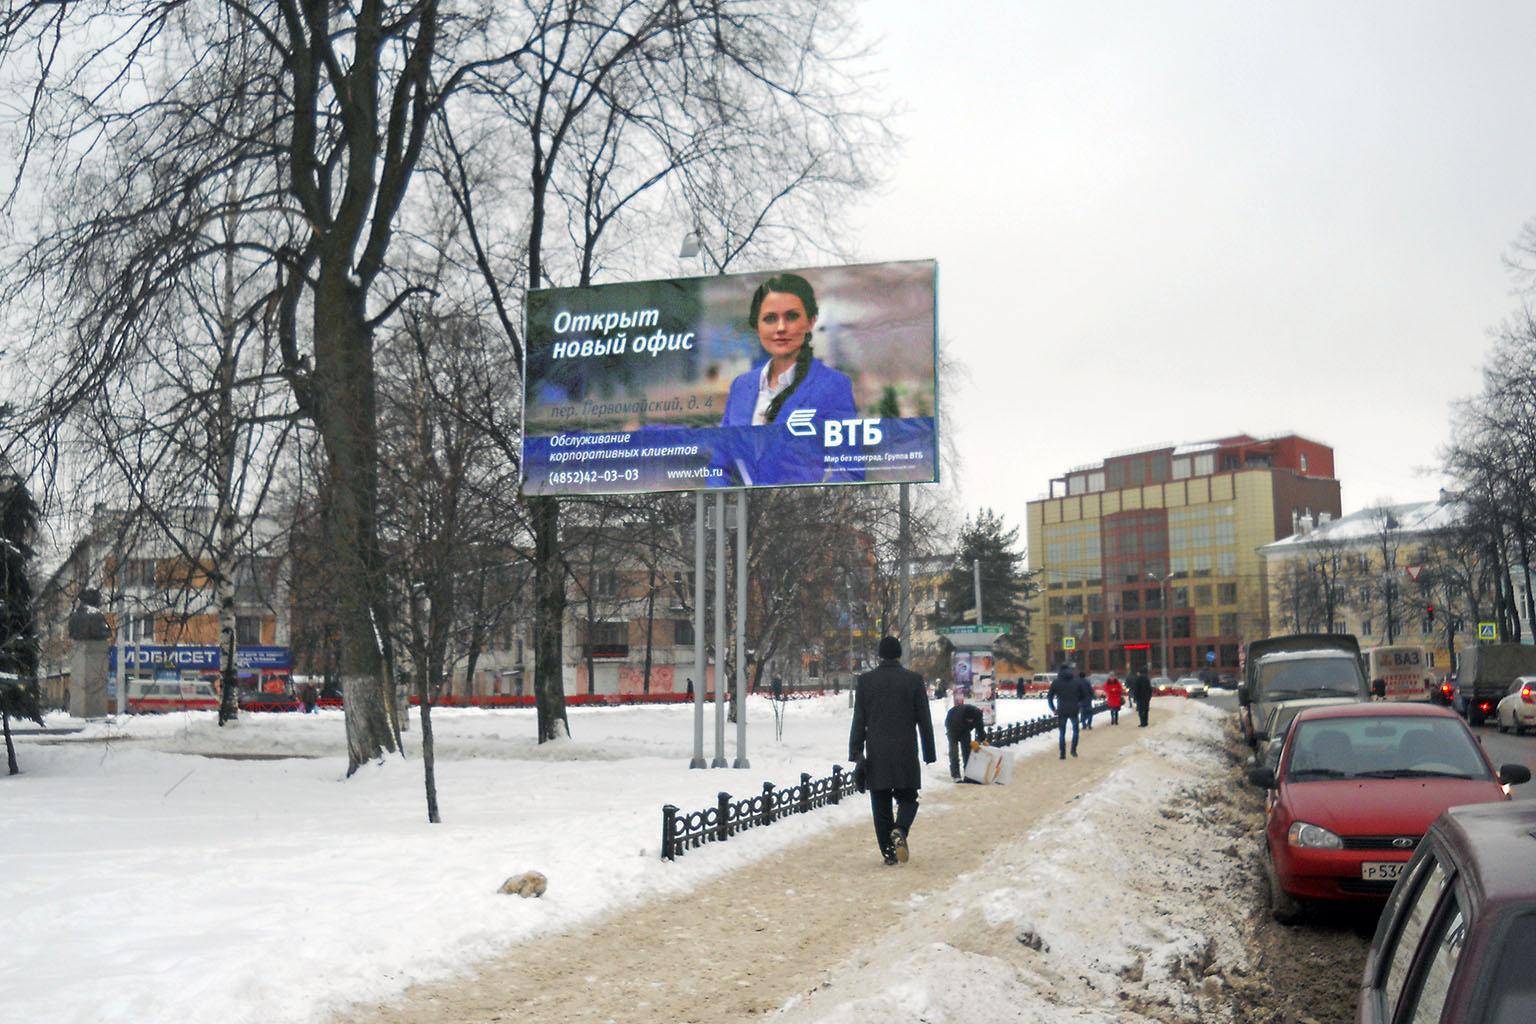 Открытие офиса «ВТБ» в г. Ярославле - билборд ул. Победы